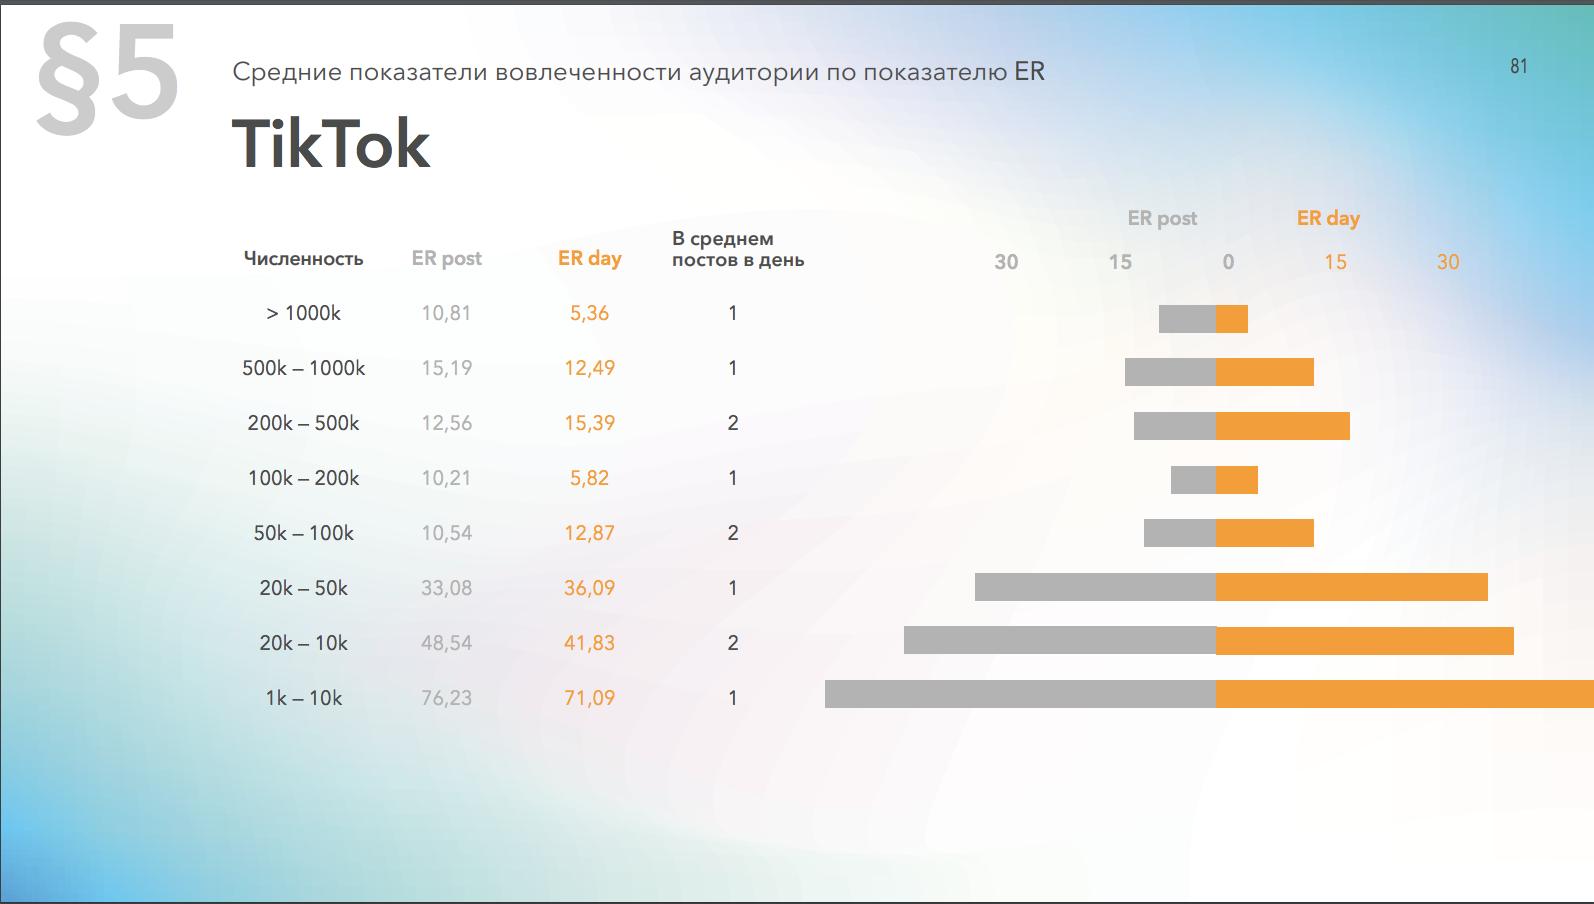 Данные по вовлеченности Er у больших и маленьких аккаунтов ТикТок